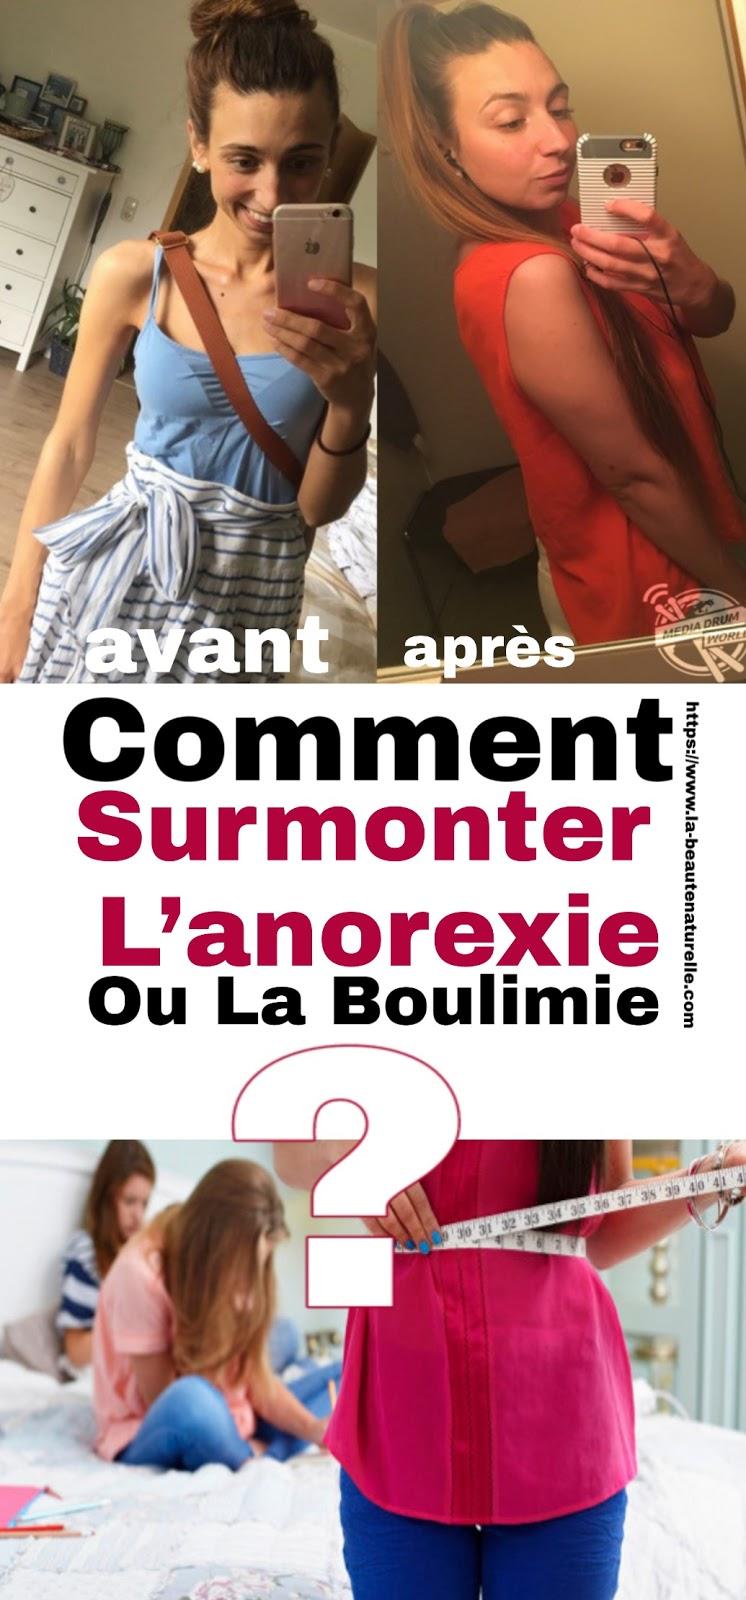 Comment Surmonter L'anorexie Ou La Boulimie ?